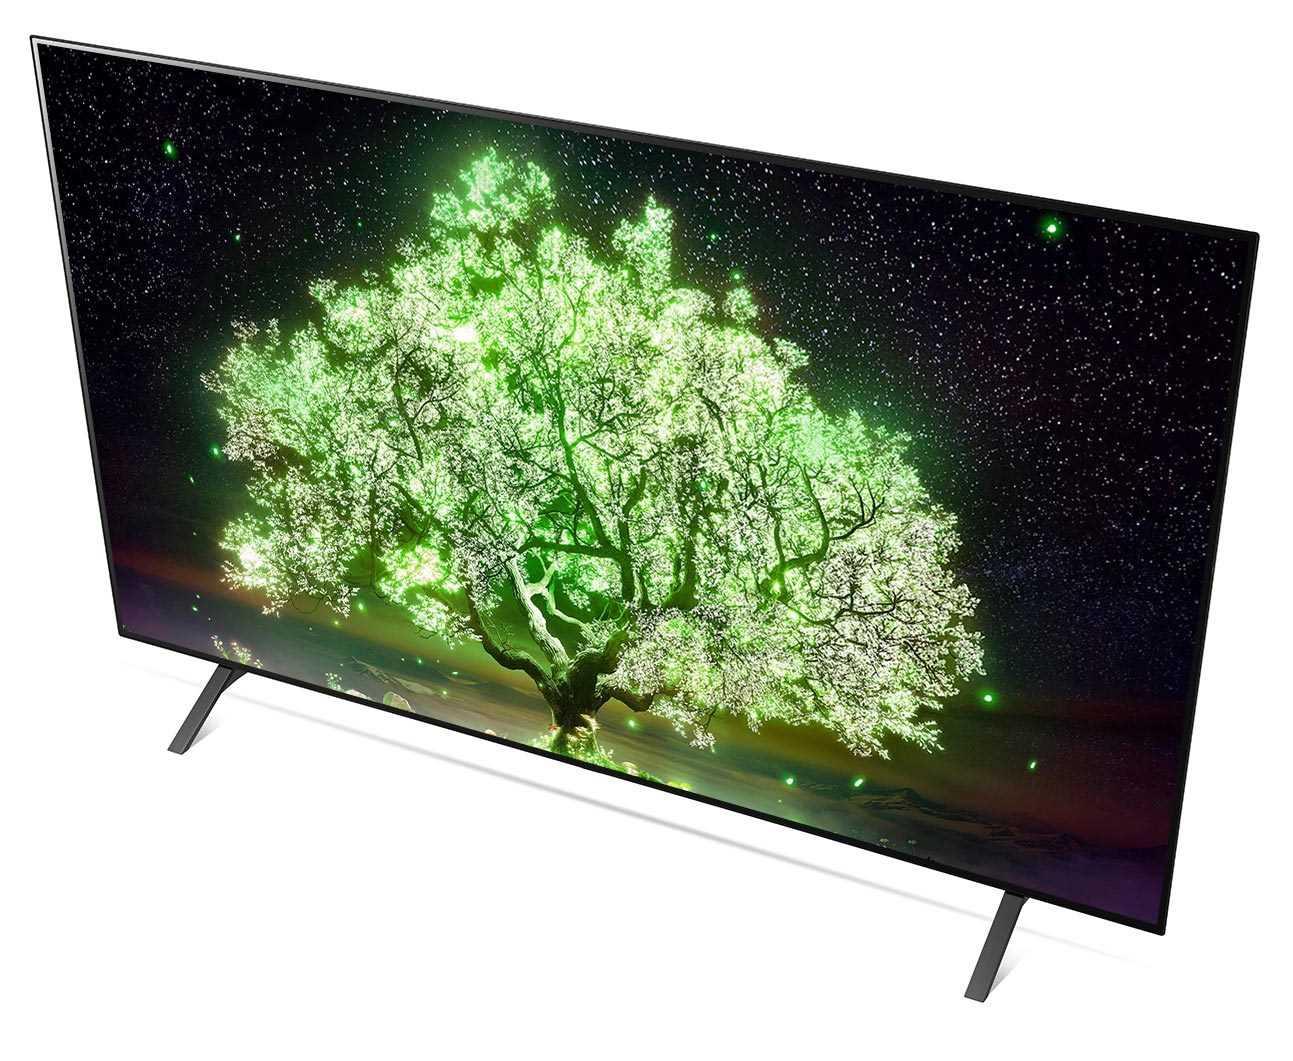 טלוויזיה 55 אינץ' דגם OLED 55A16LA/PVA  בטכנולוגיית LG OLED 4K Ultra HD אל ג'י - תמונה 8